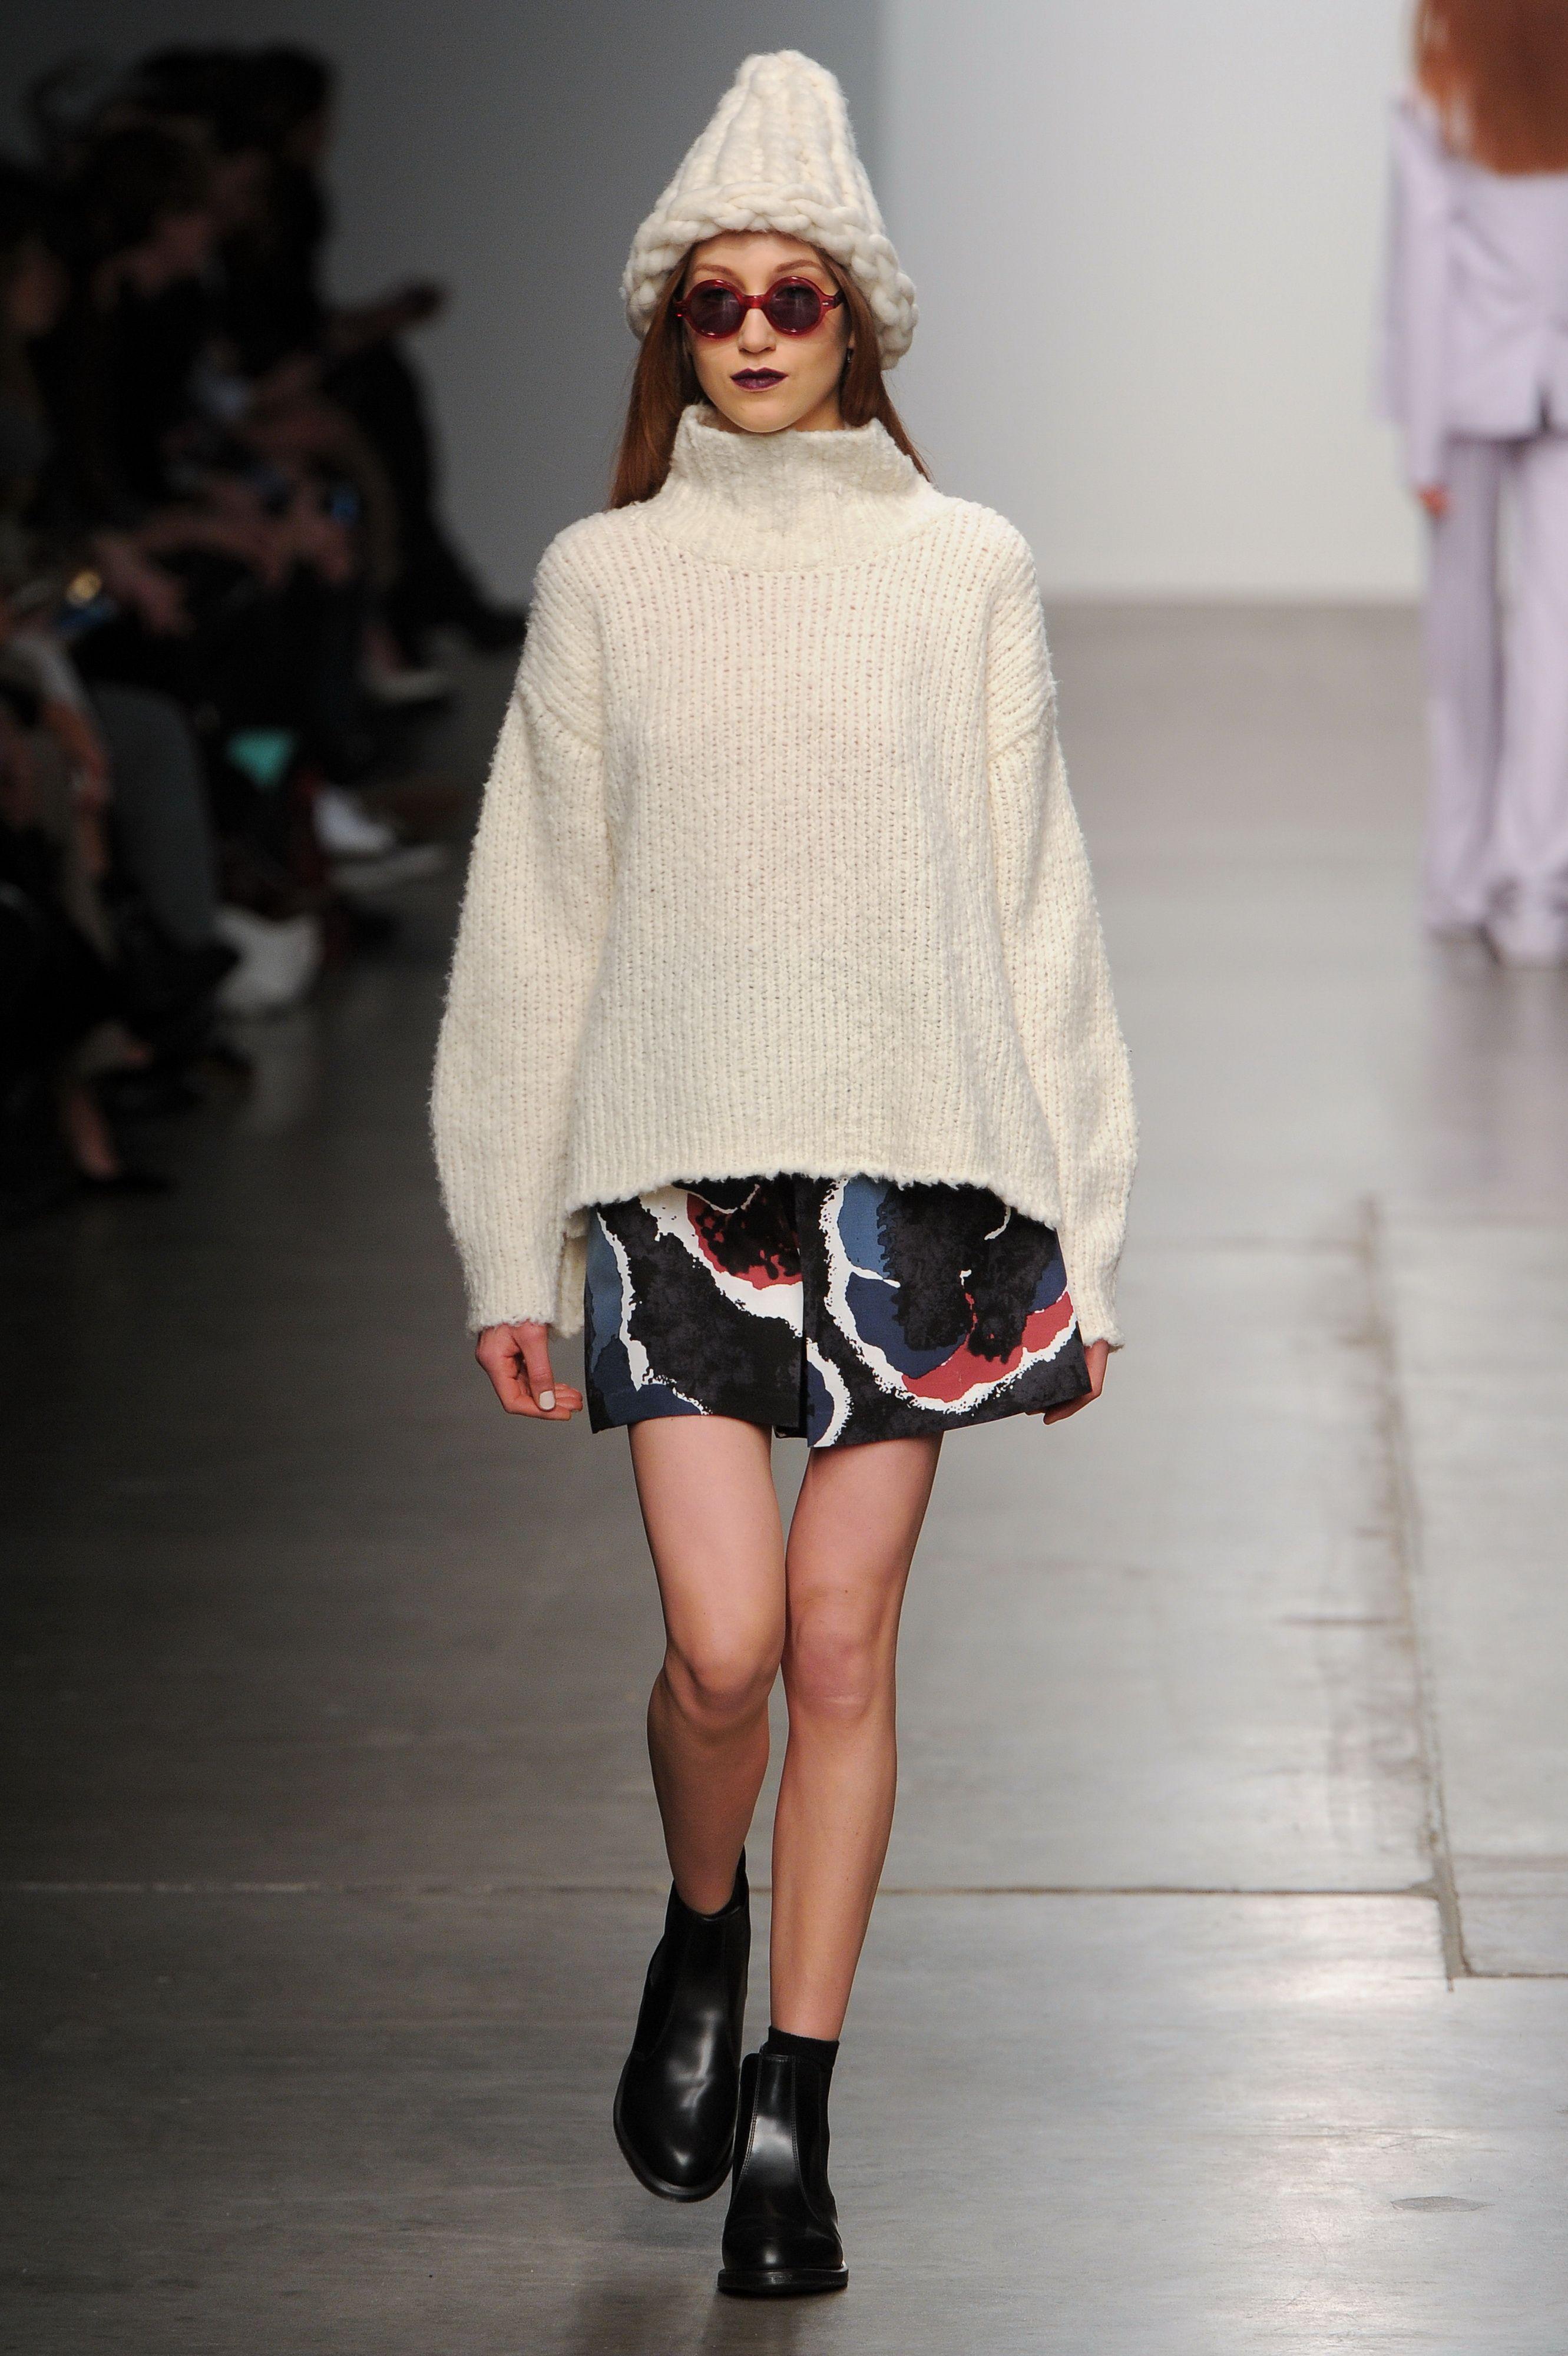 Timo Weiland #NYFW #AW15 #NewYork #NewYorkFashionWeek #FashionWeek #Fashion #style #designer #catwalk #womenswear #fall2015